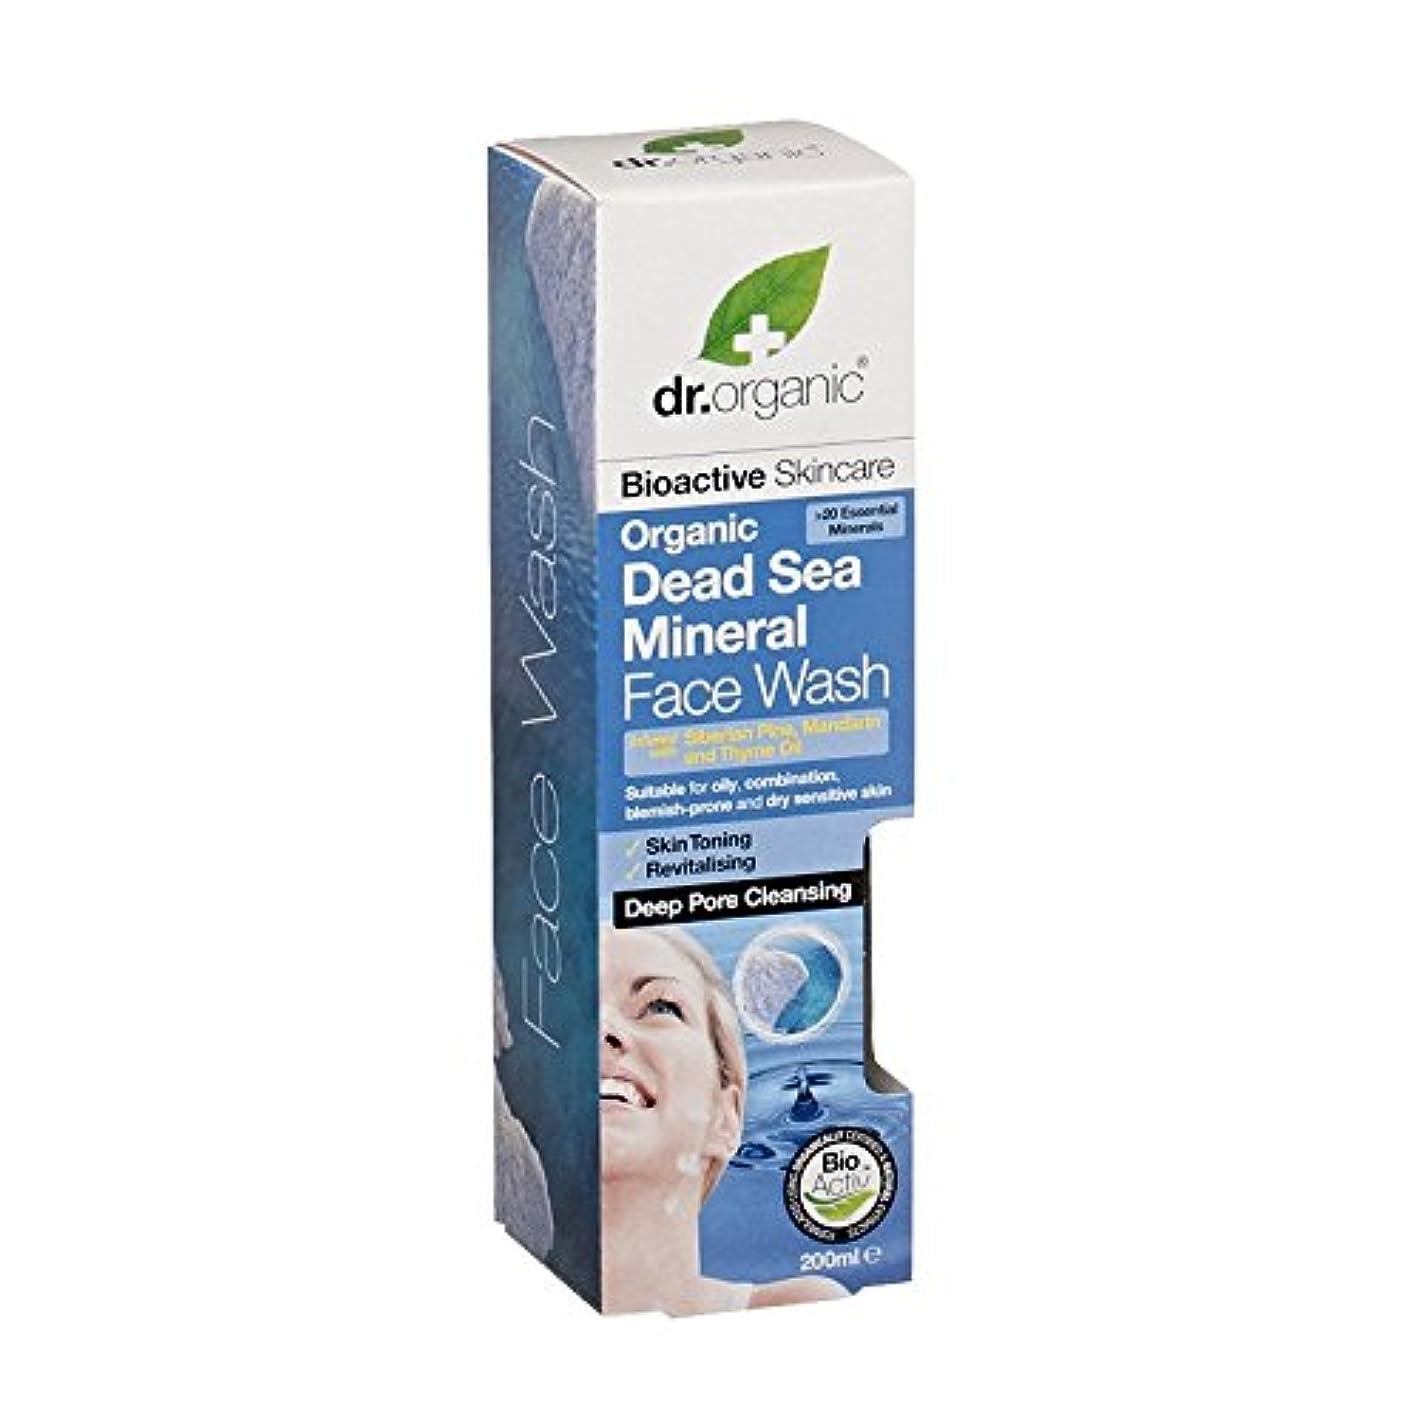 宇宙飛行士ラフファランクスDr Organic Dead Sea Mineral Face Wash (Pack of 2) - Dr有機死海のミネラル洗顔 (x2) [並行輸入品]